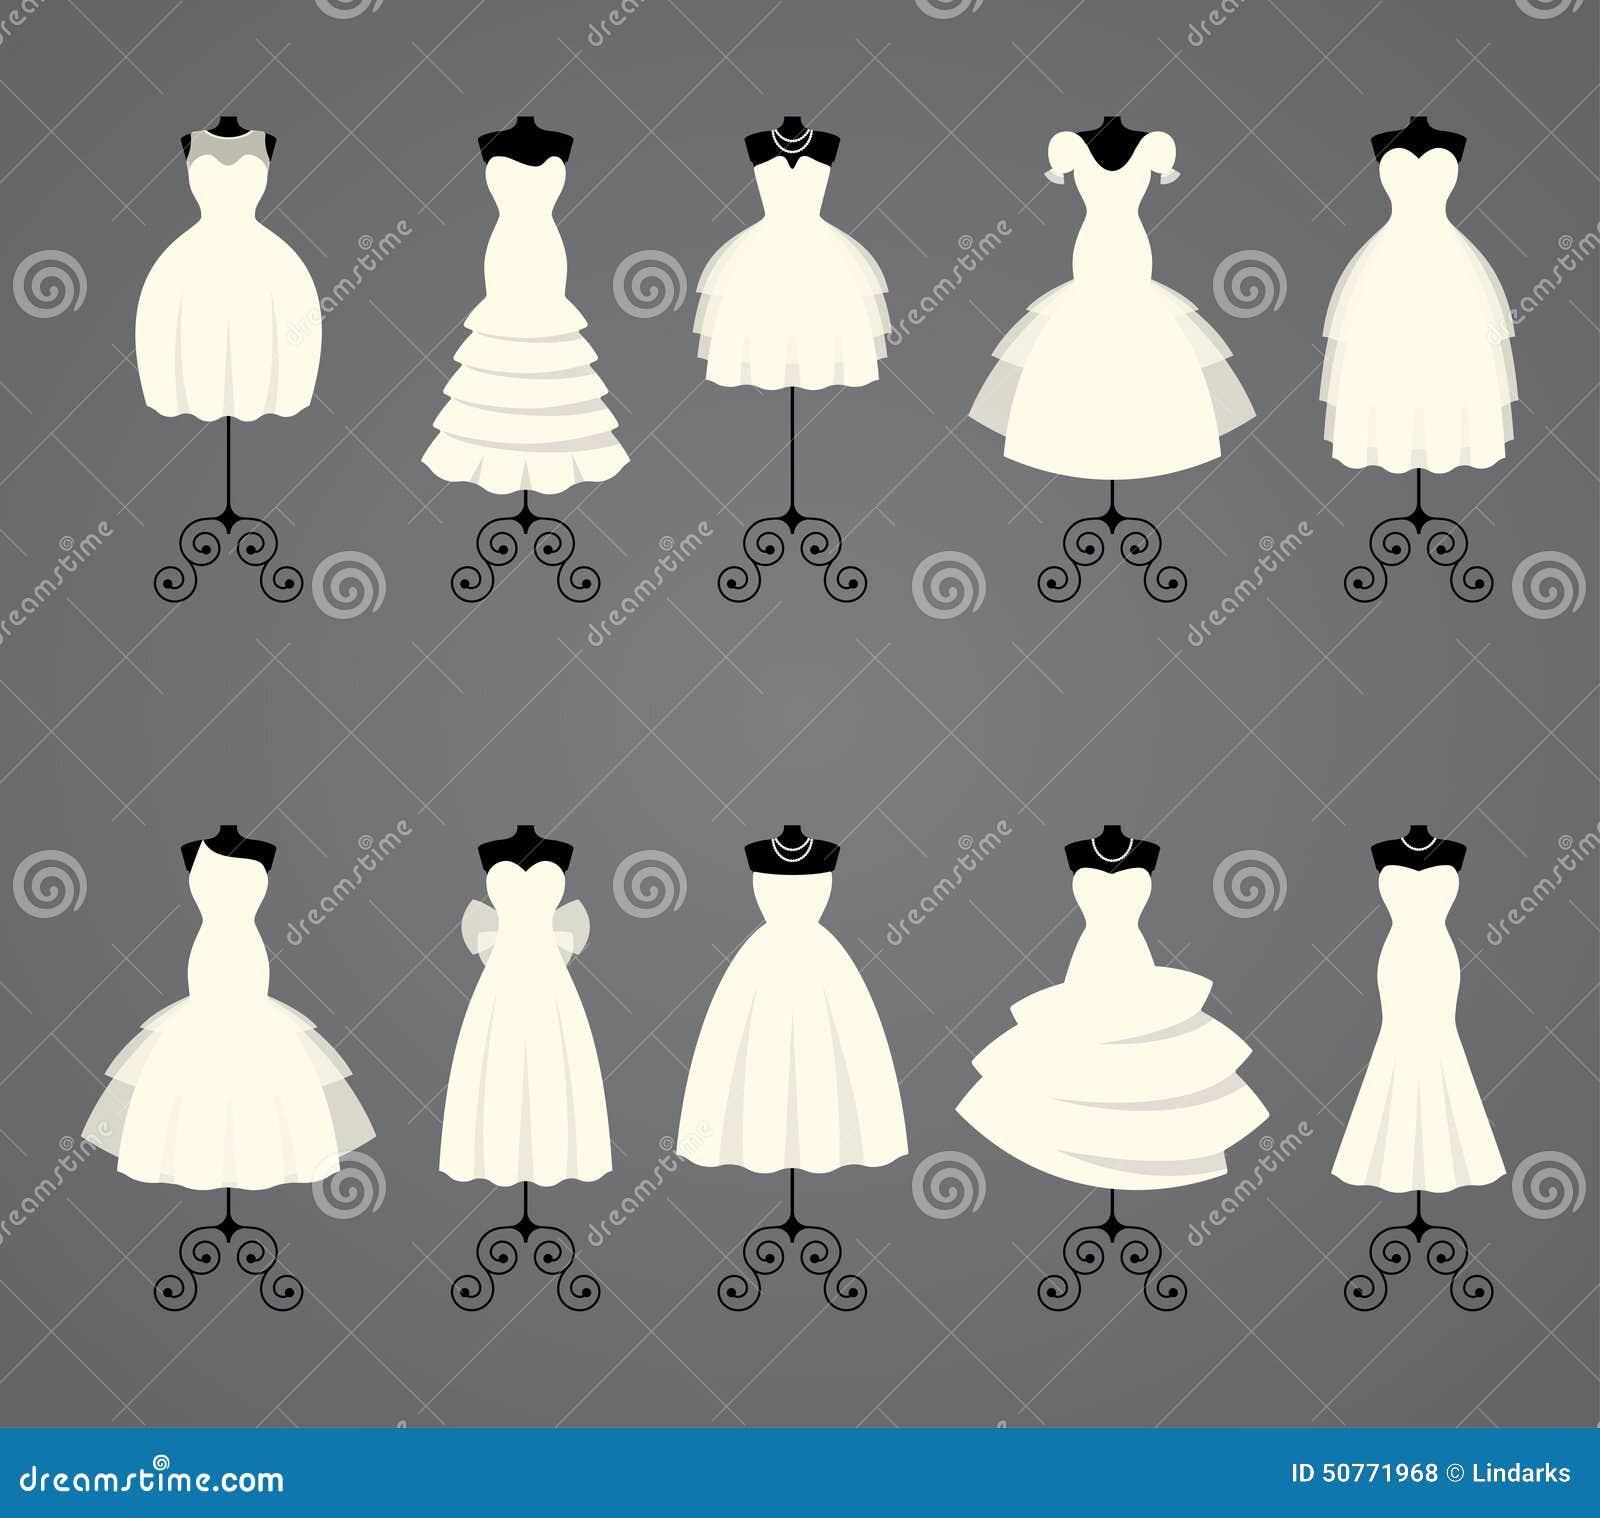 Brautkleider In Den Verschiedenen Arten Vektor Abbildung